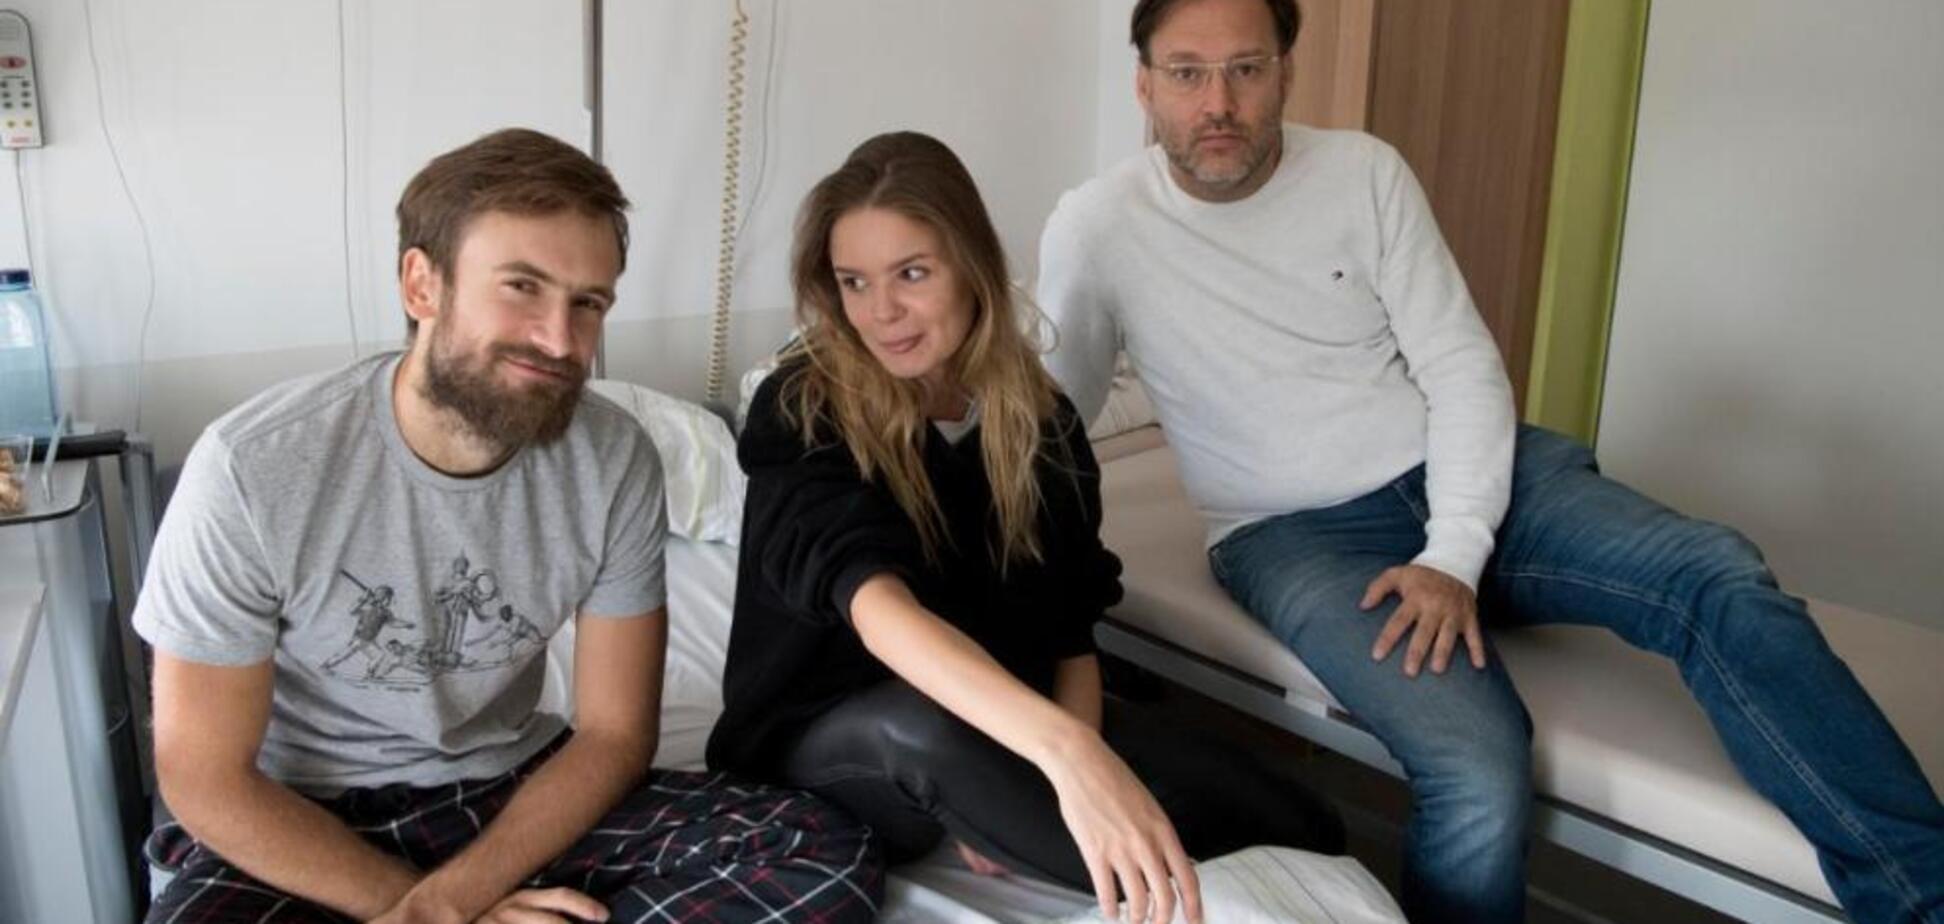 Покушение на Верзилова: участник Pussy Riot в первом интервью назвал отравителей. Фото из больницы